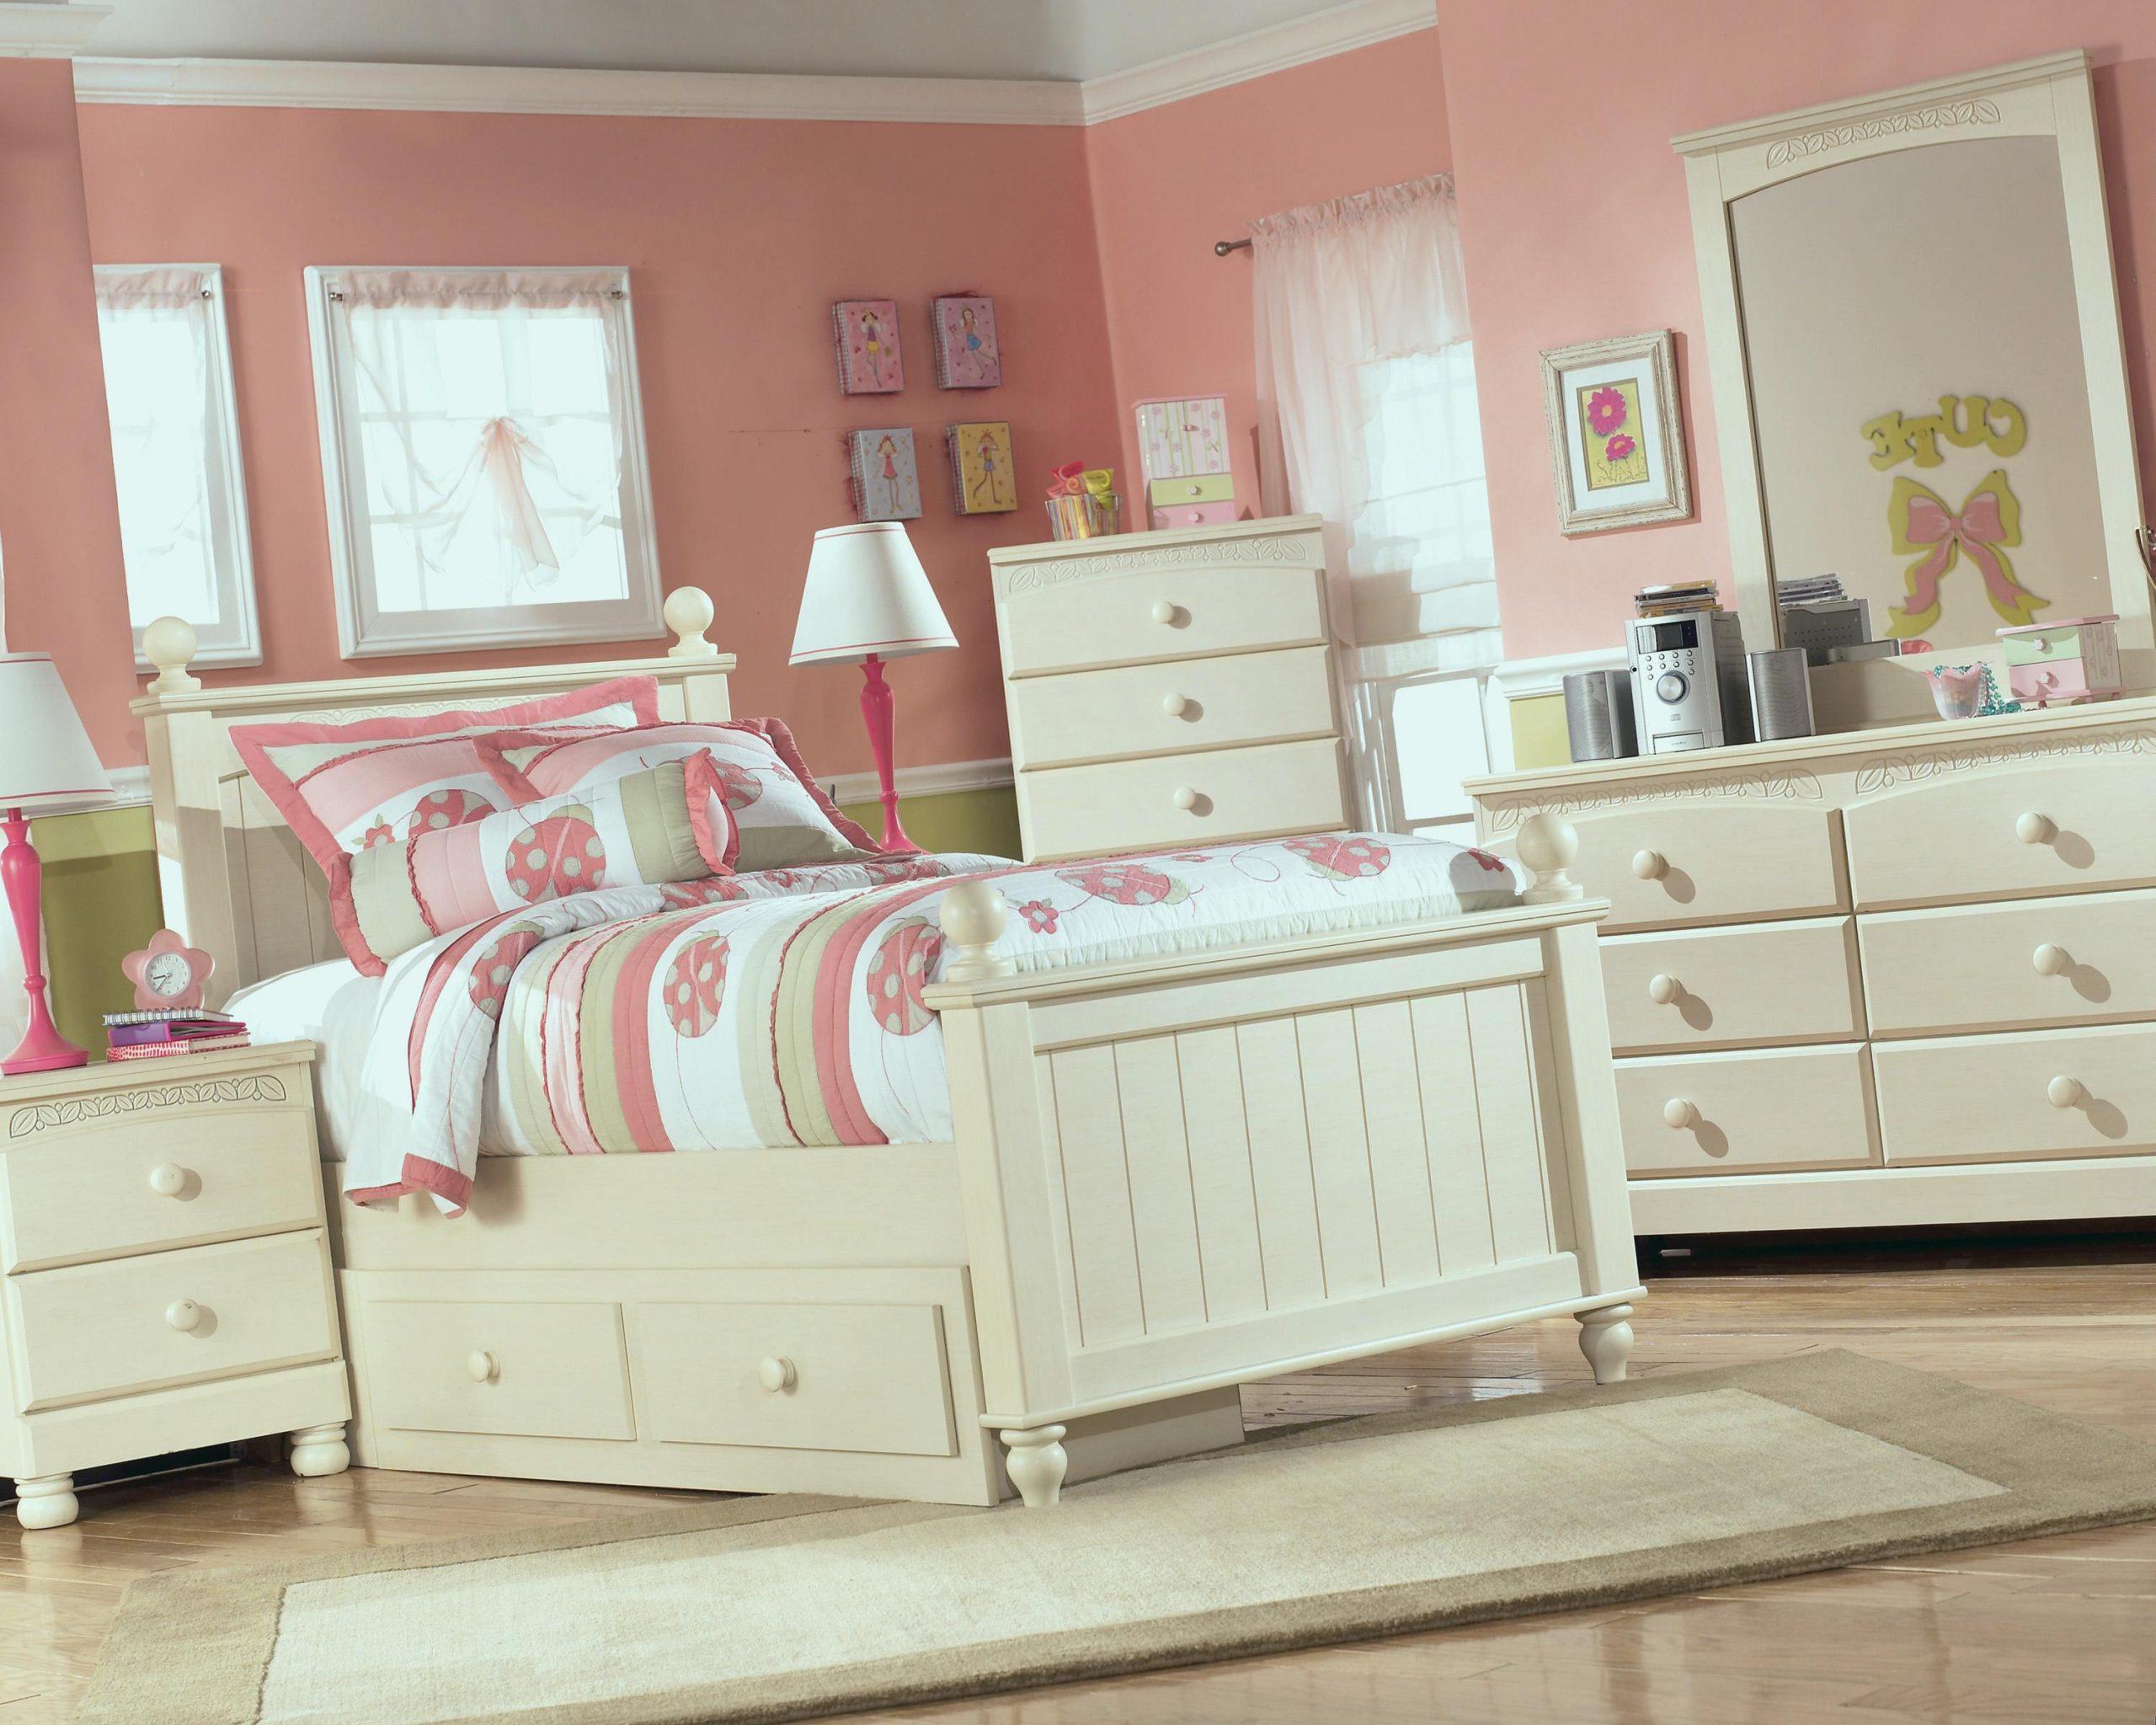 Full Size of Schlafzimmer Jugend Mdchen Betten 120x200 Joop Französische Ikea 160x200 Gardinen Für Küche Günstig Kaufen De Dico 140x200 Dänisches Bettenlager Bett Betten Für Teenager